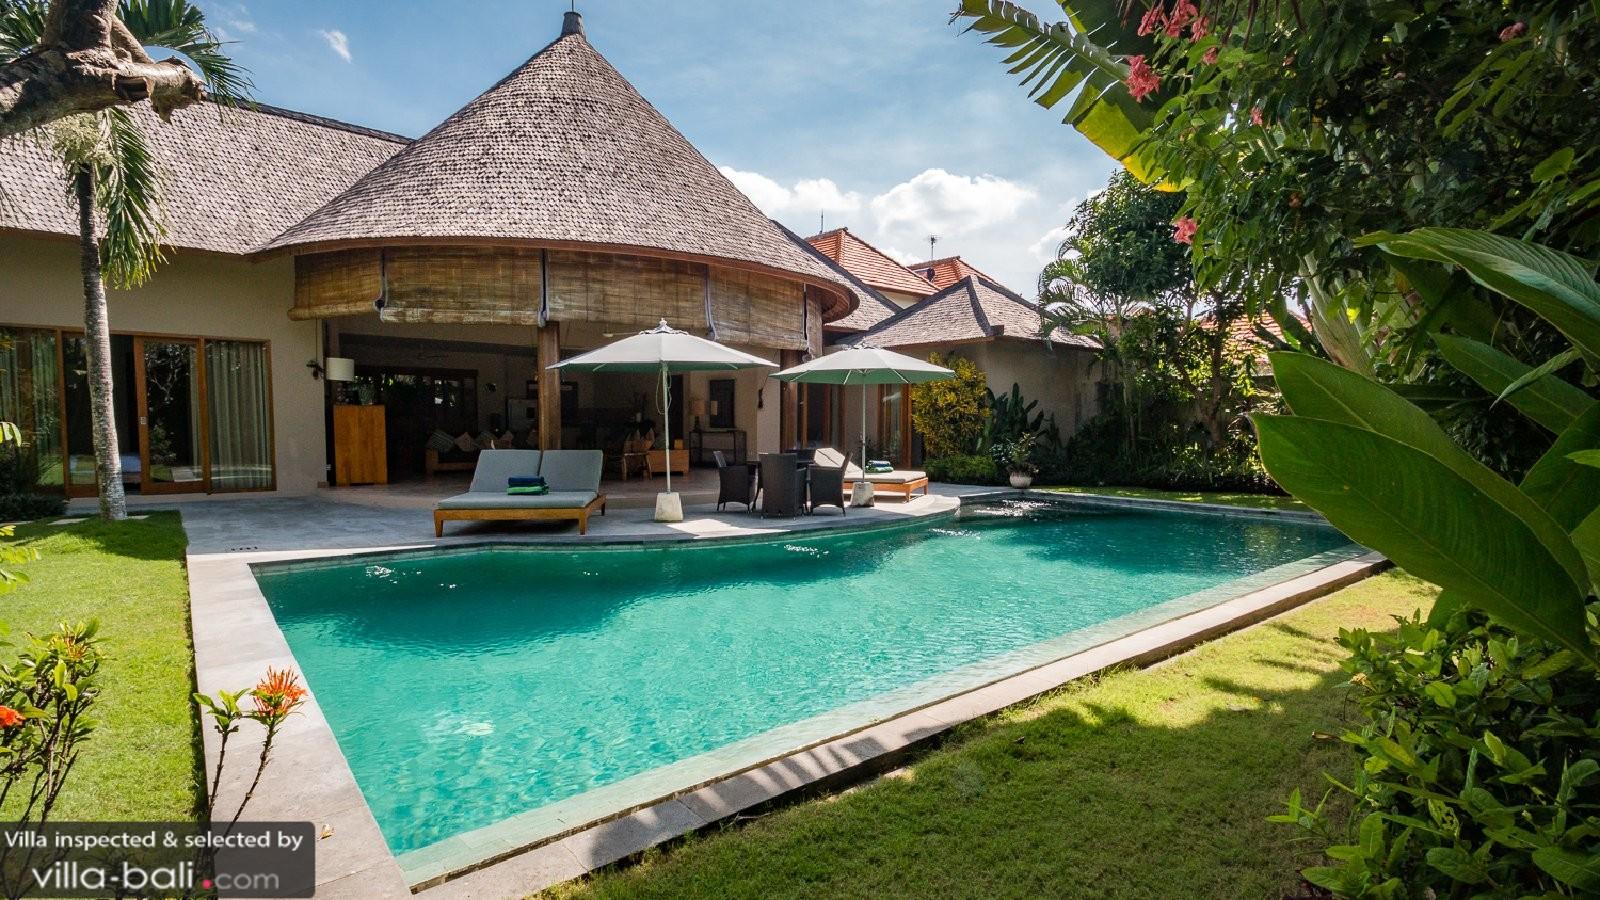 Villa lea satu in umalas bali 4 bedrooms best price - Villas en bali ...